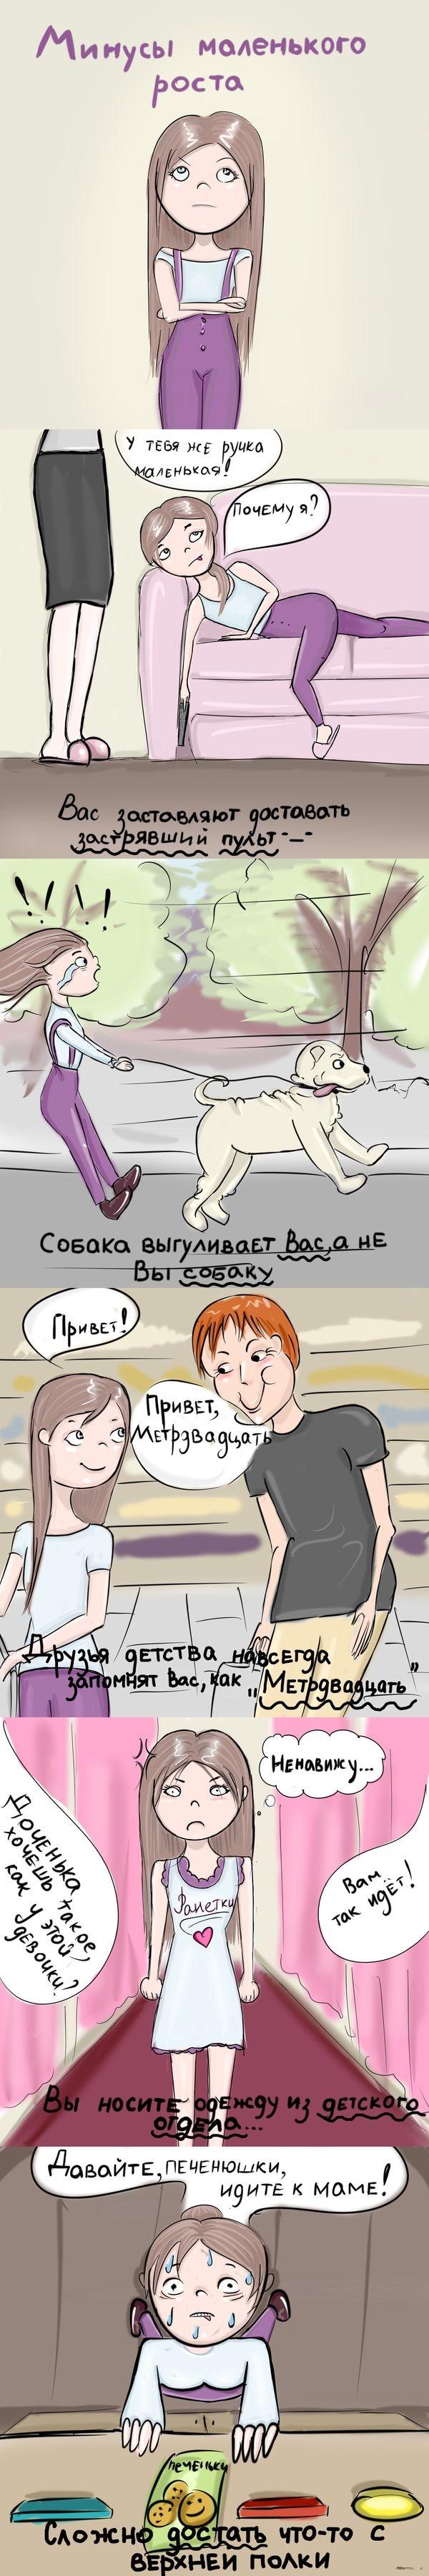 Смешные комиксы (20 картинок) 24.07.2014